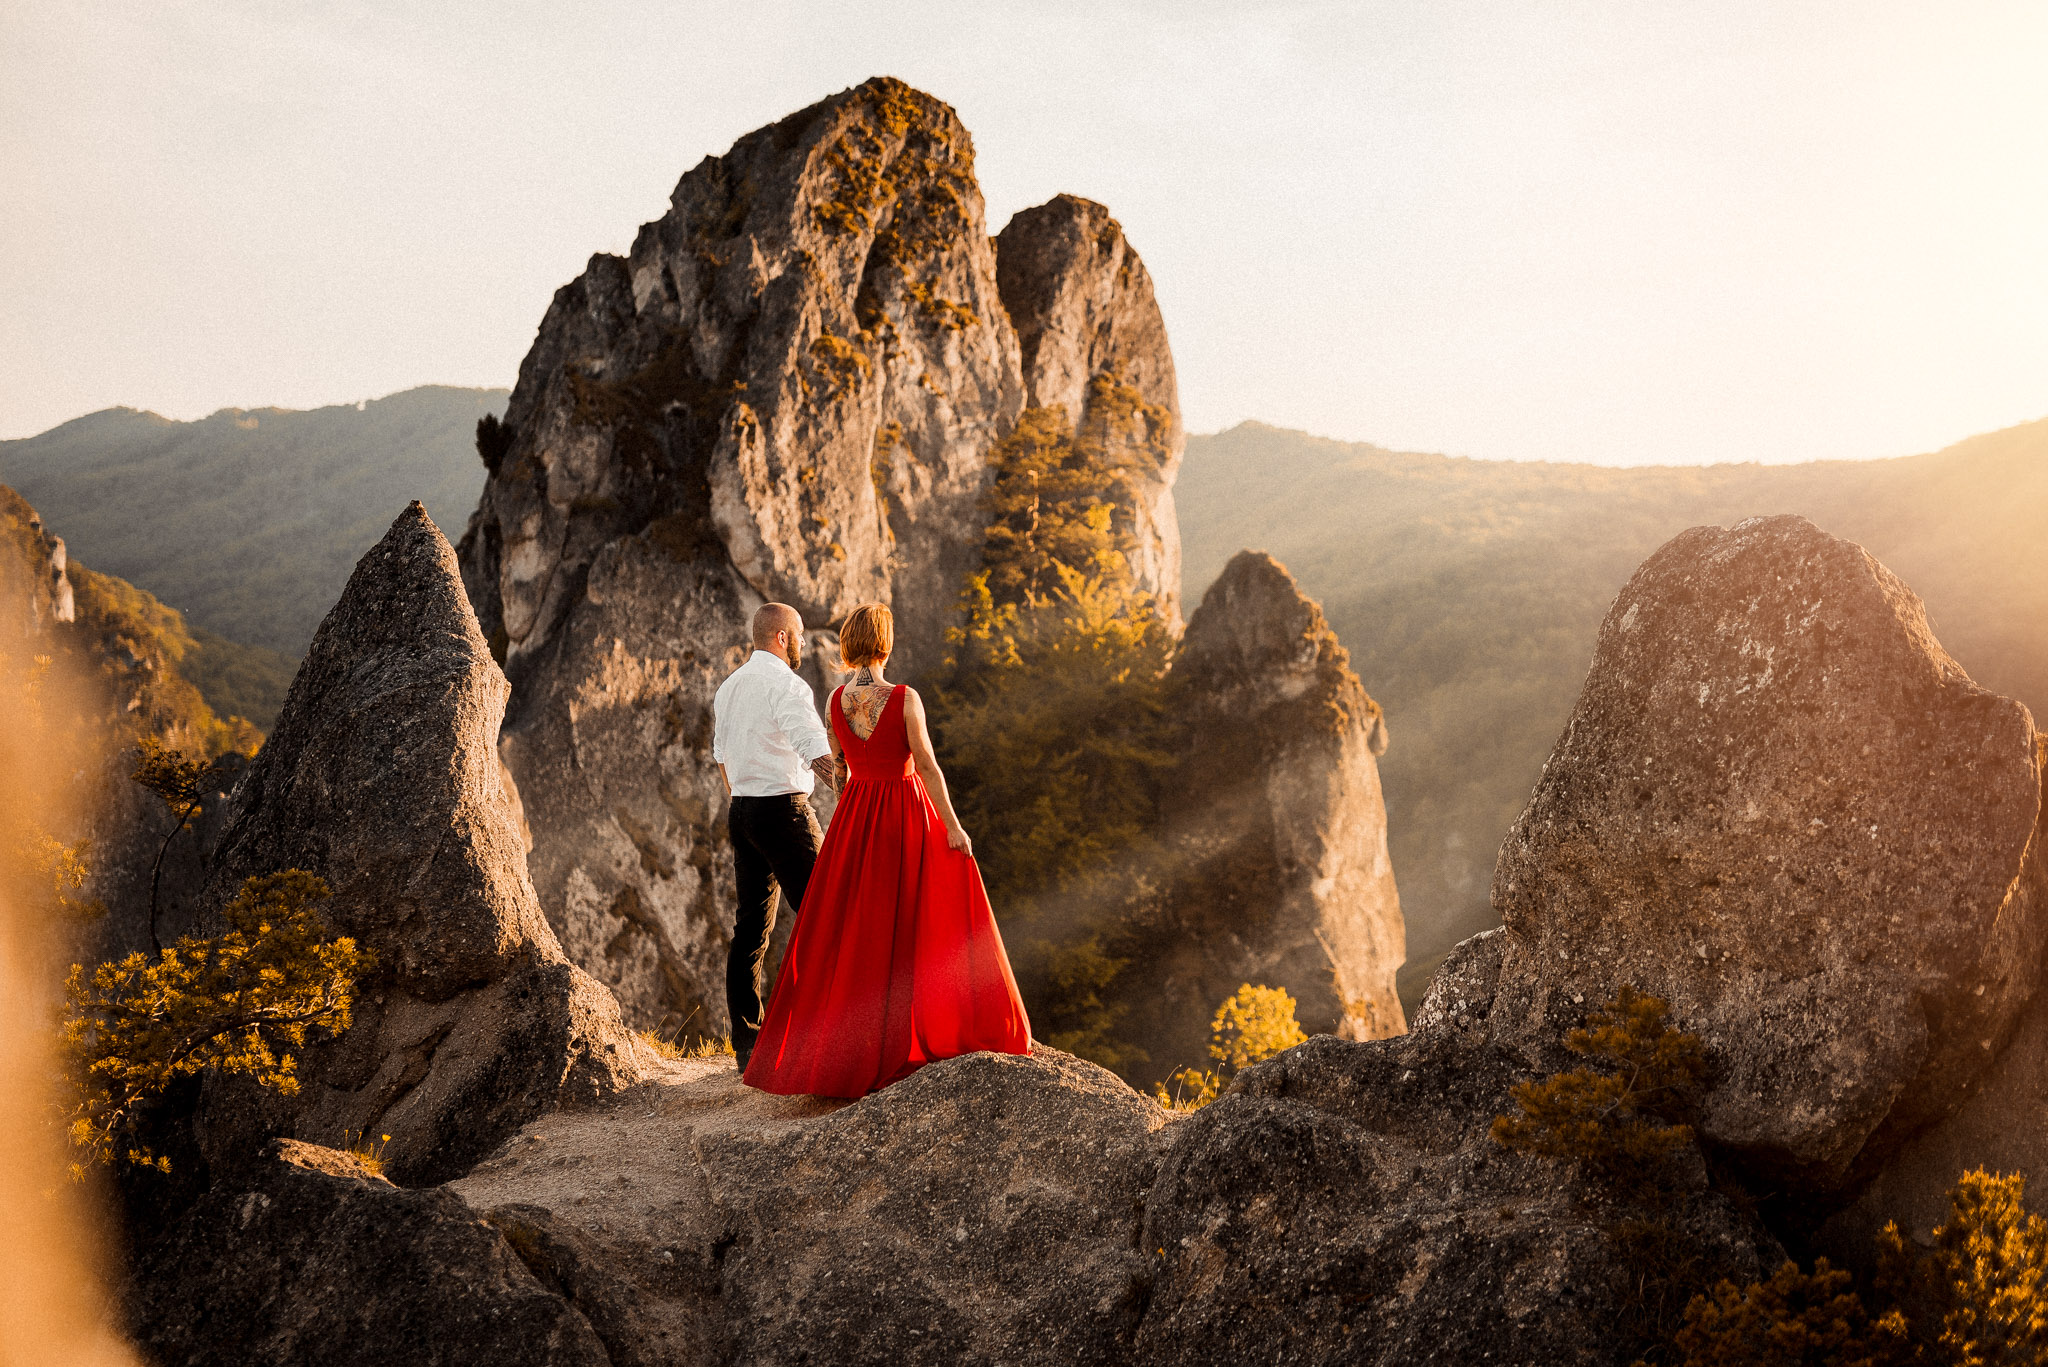 Súľovské skaly, rande, pár, svadba, šaty, západ slnka, príroda